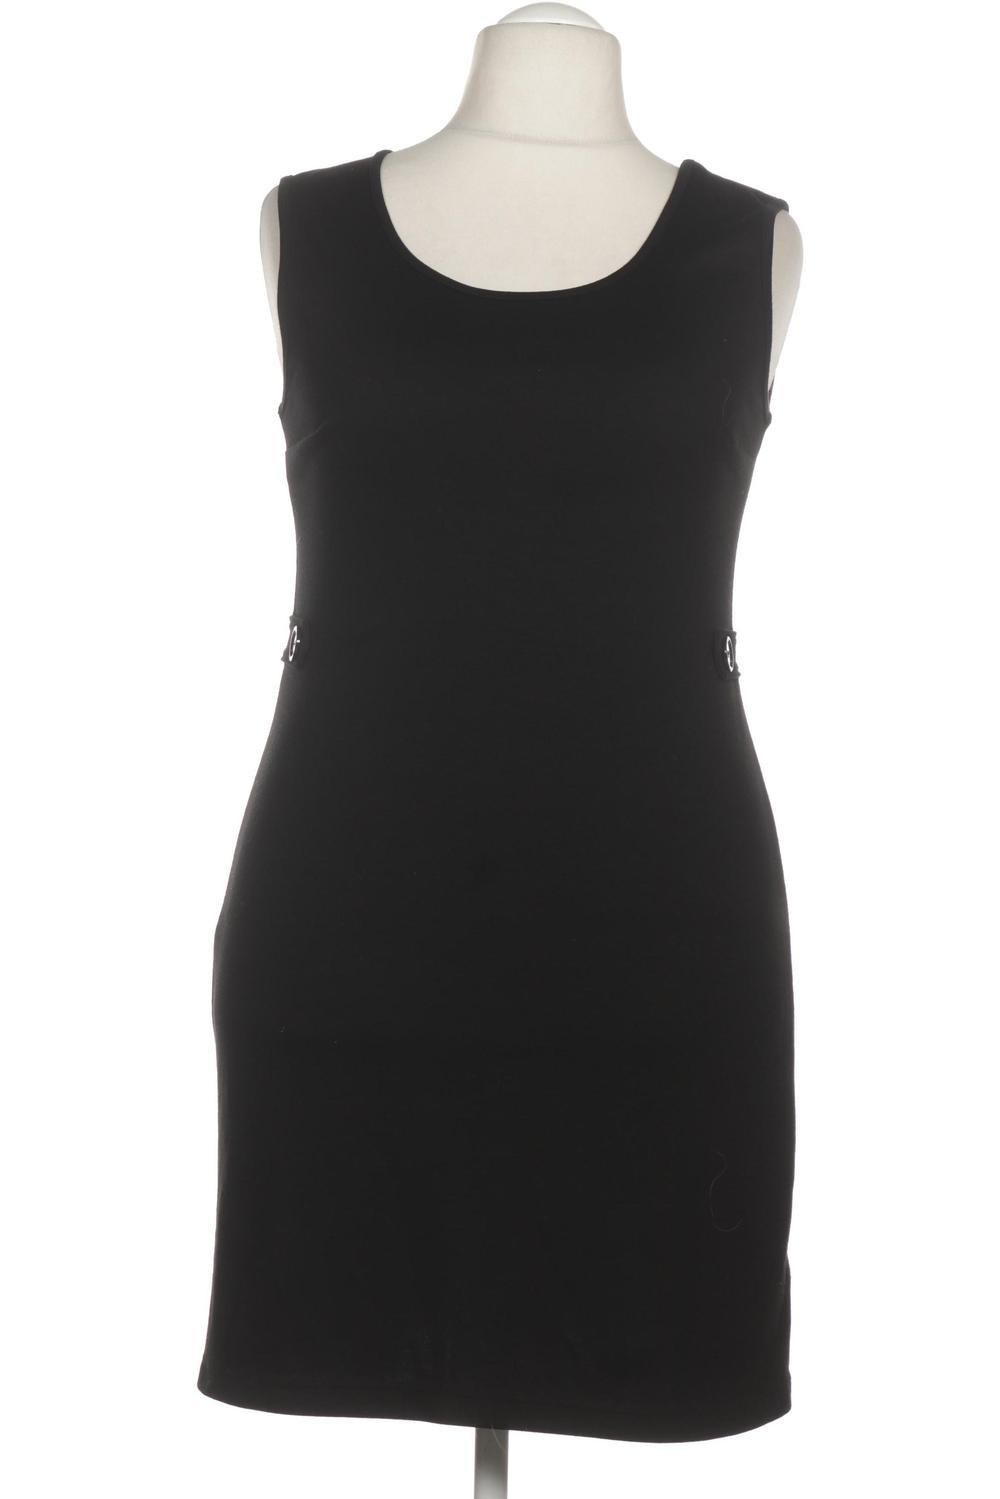 Qiero Damen Kleid De 40 Second Hand Kaufen Ubup